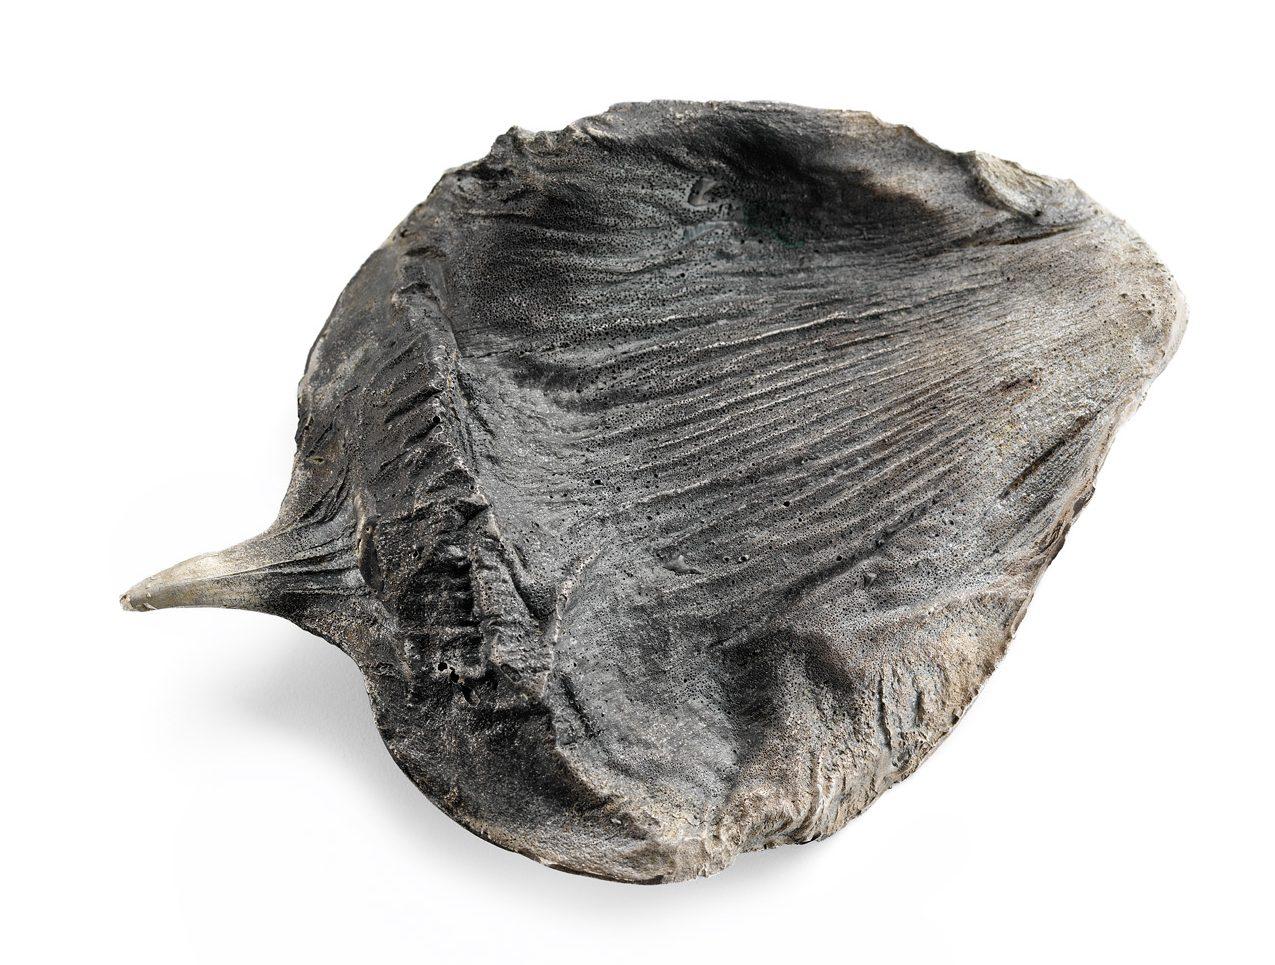 Marian Hosking, Bunya pine, broche, 2016. Collectie Daalder. Foto Grant Hancock, metaal